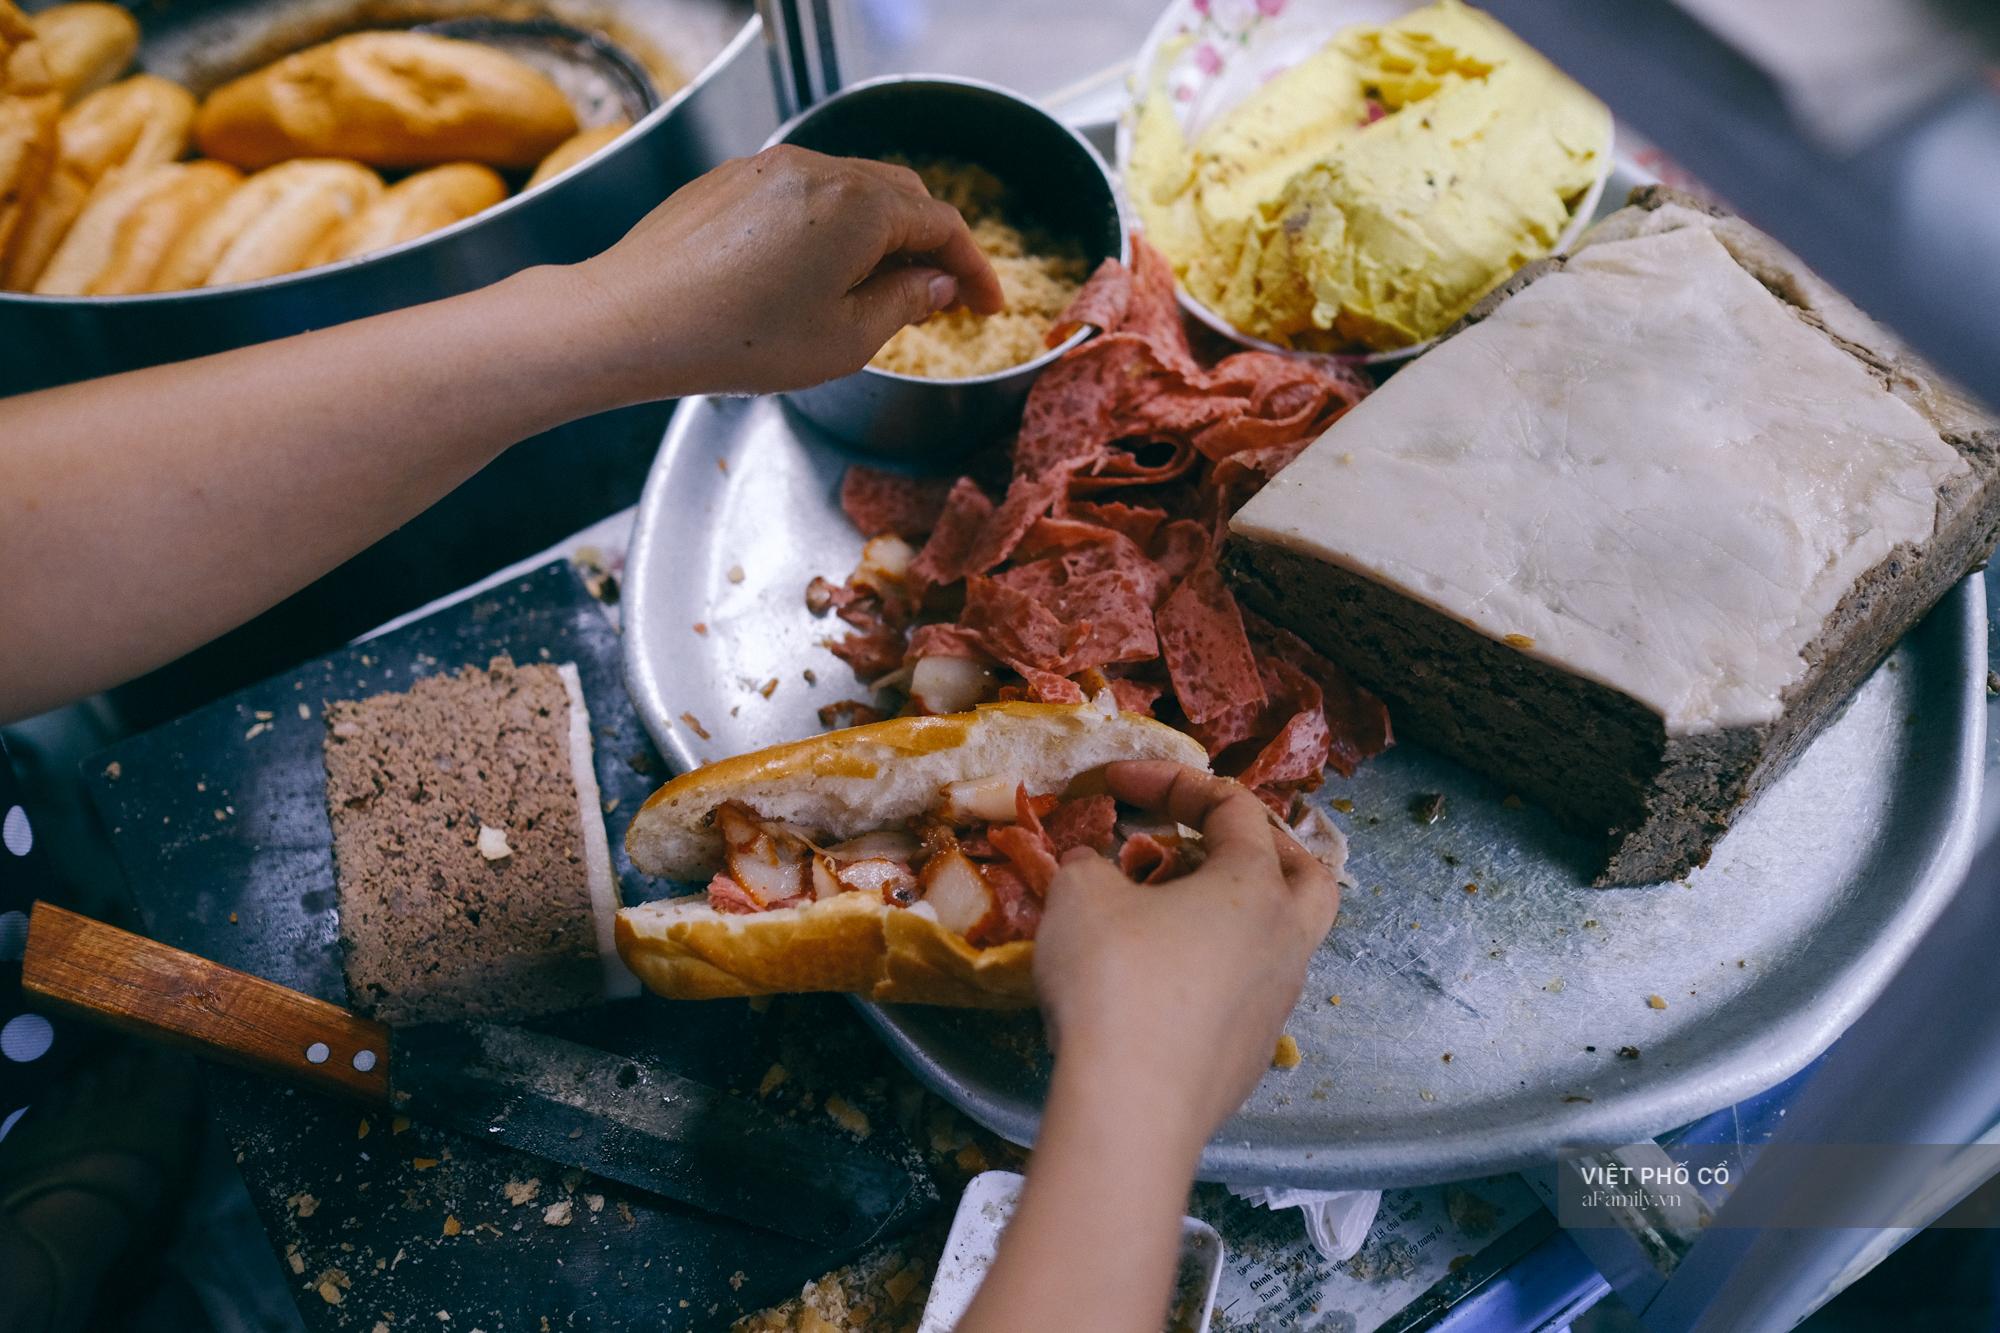 Hàng bánh mì Hà Nội có từ thời bao cấp, mỗi ngày bán 400 chiếc, ngay trung tâm phố cổ nhưng giá chỉ 10 ngàn - Ảnh 1.